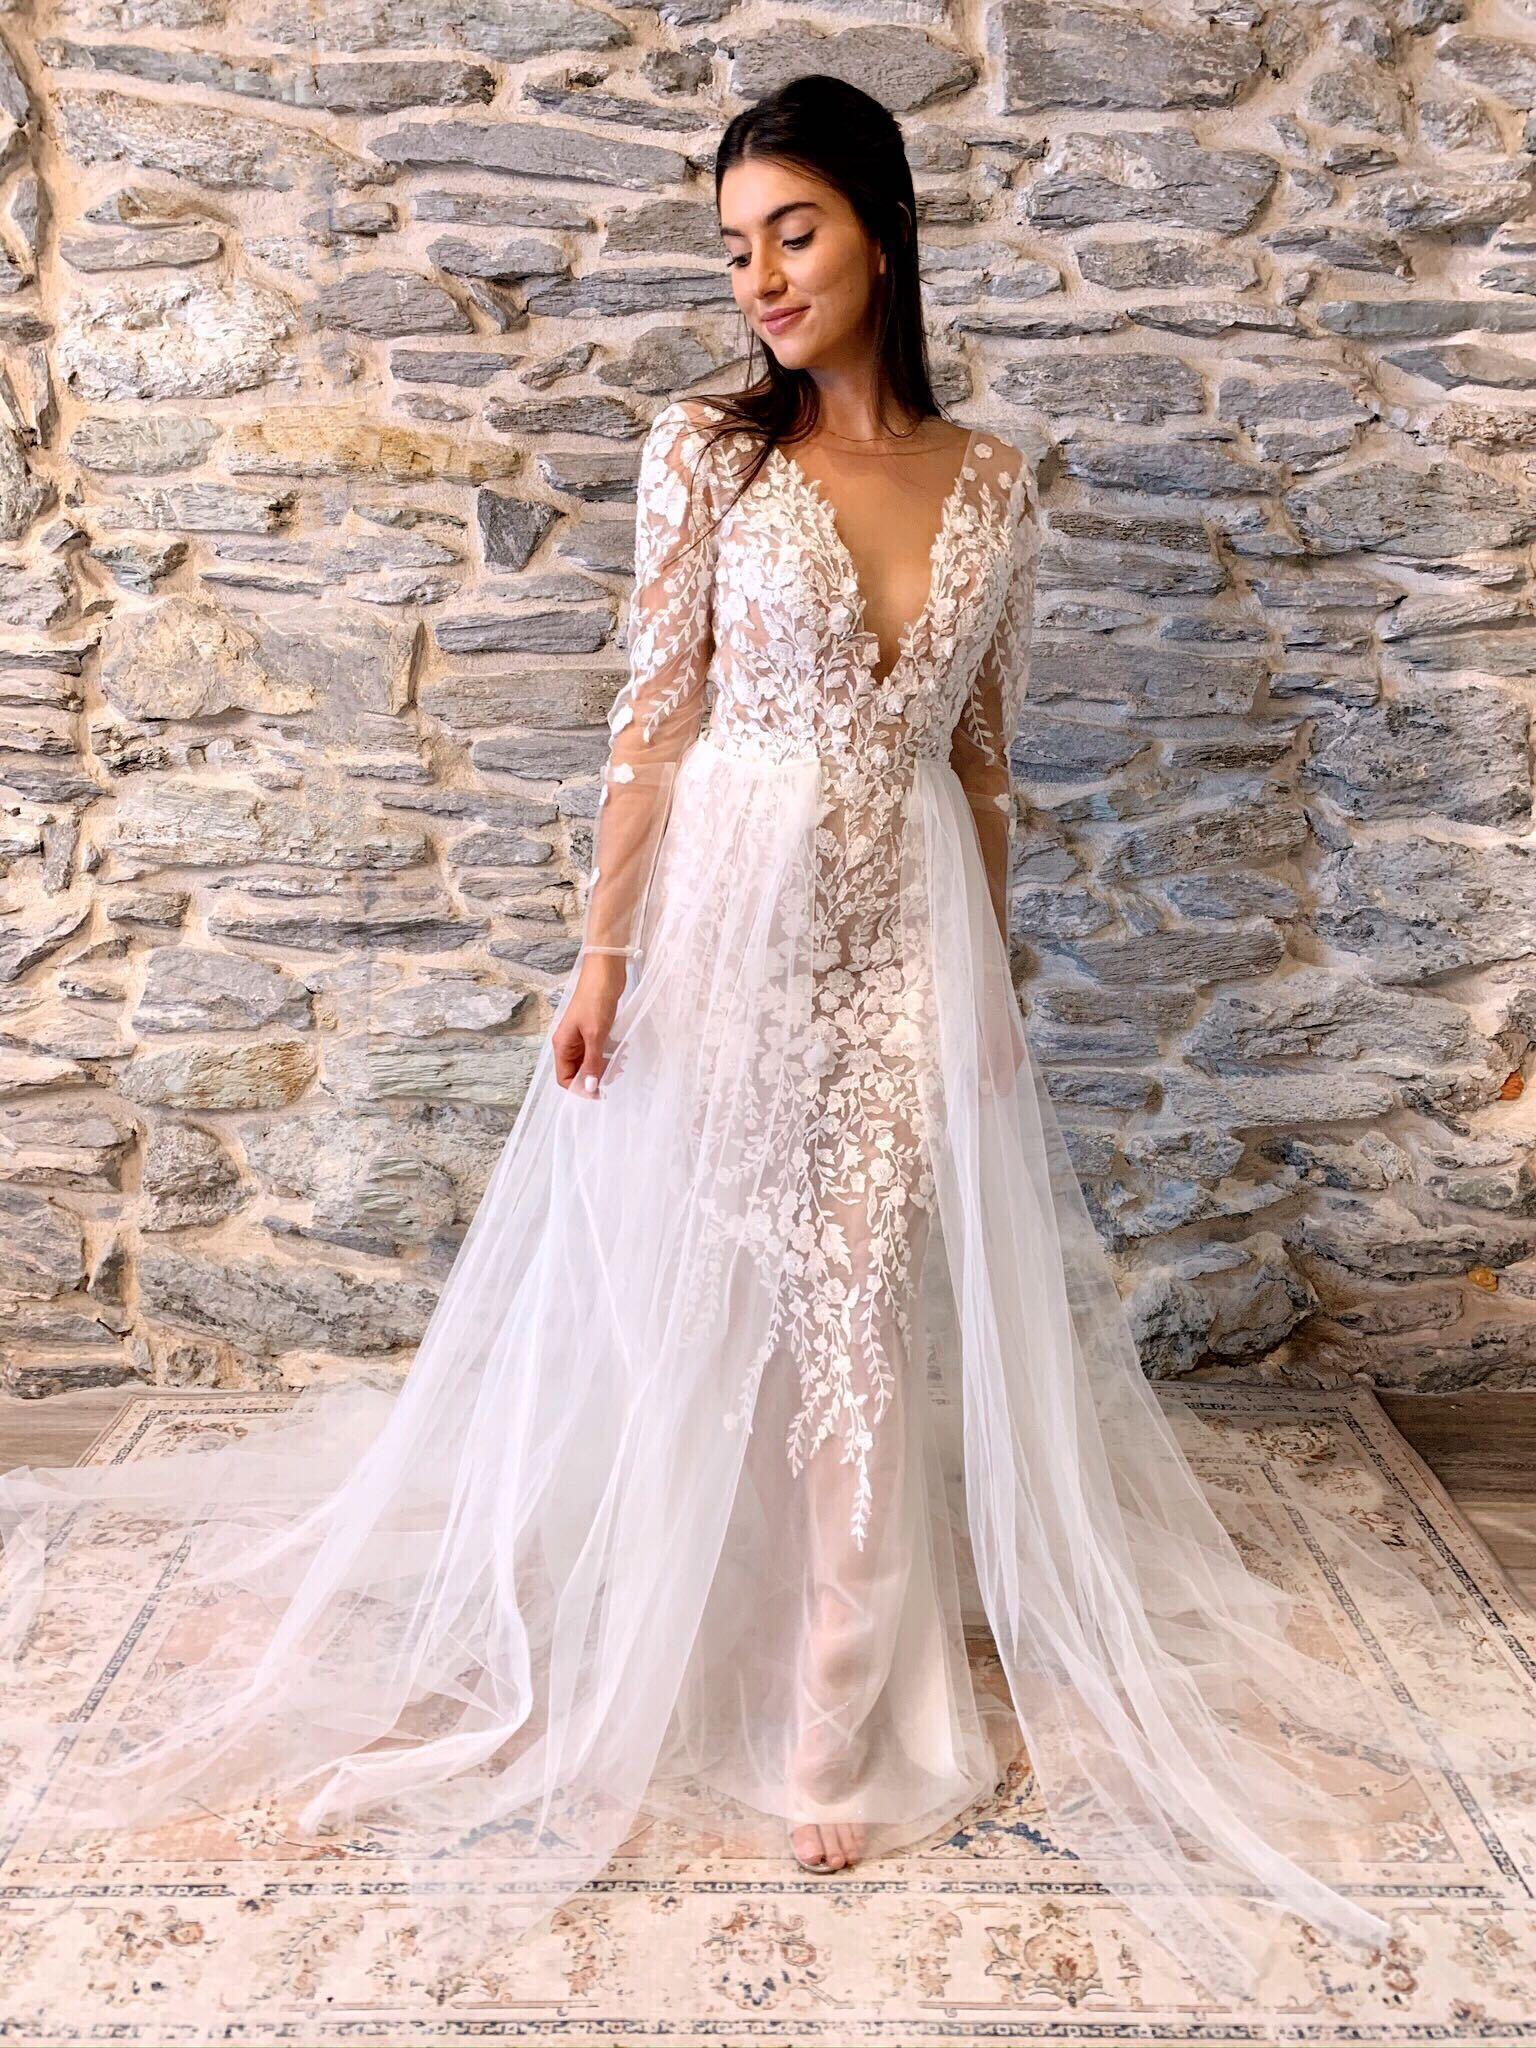 25+ Wedding dress bodysuit info